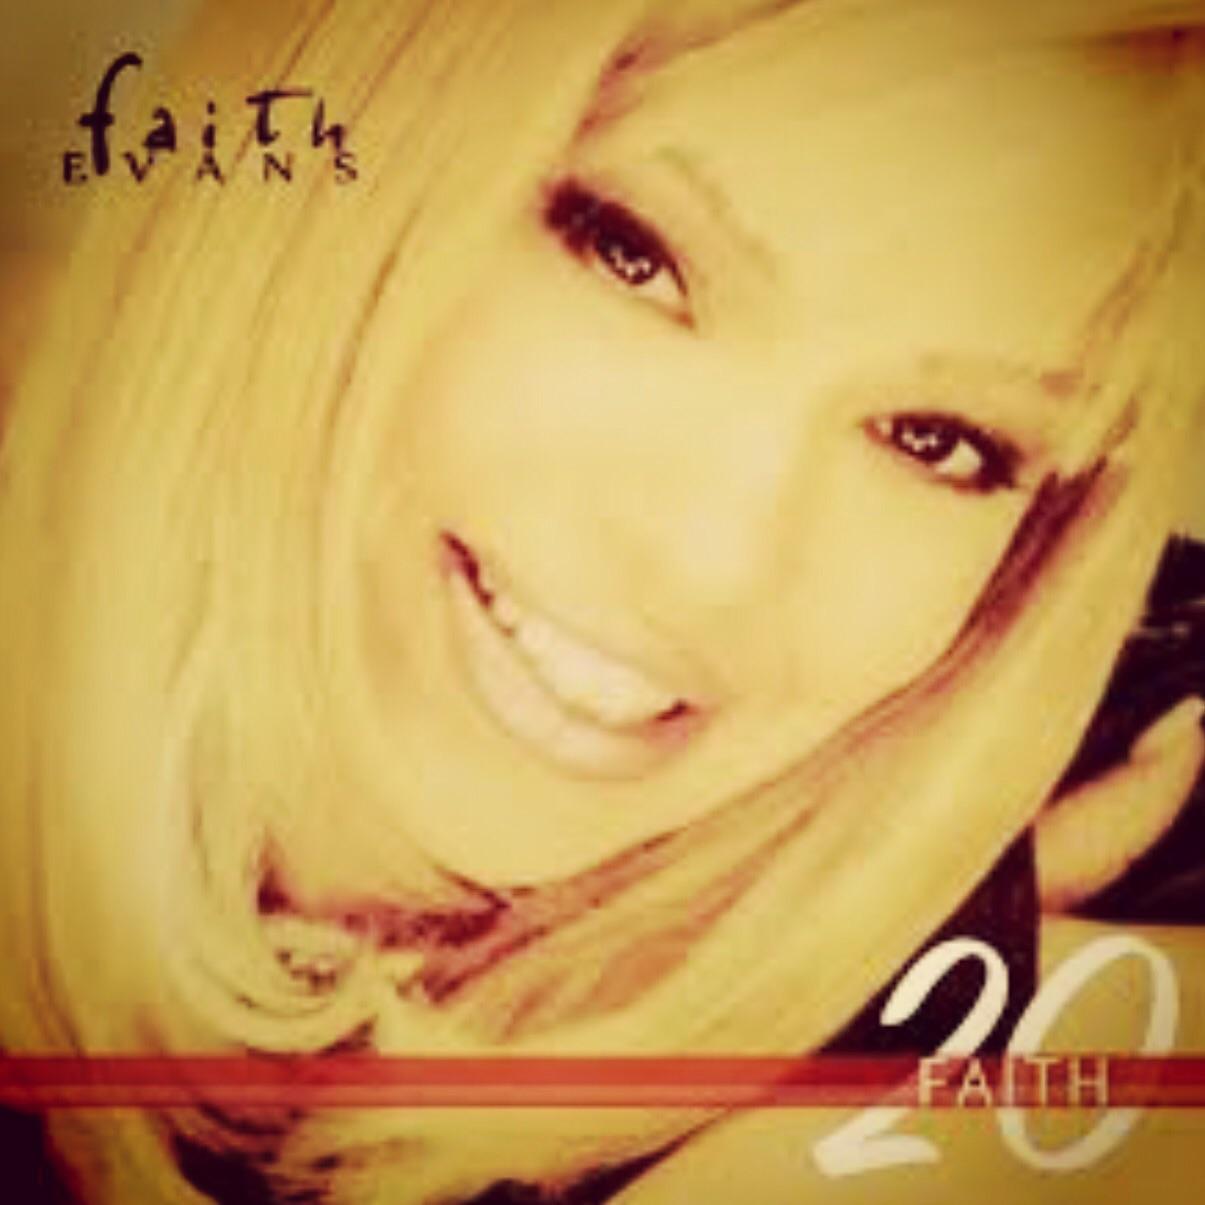 Faith 20 cover art